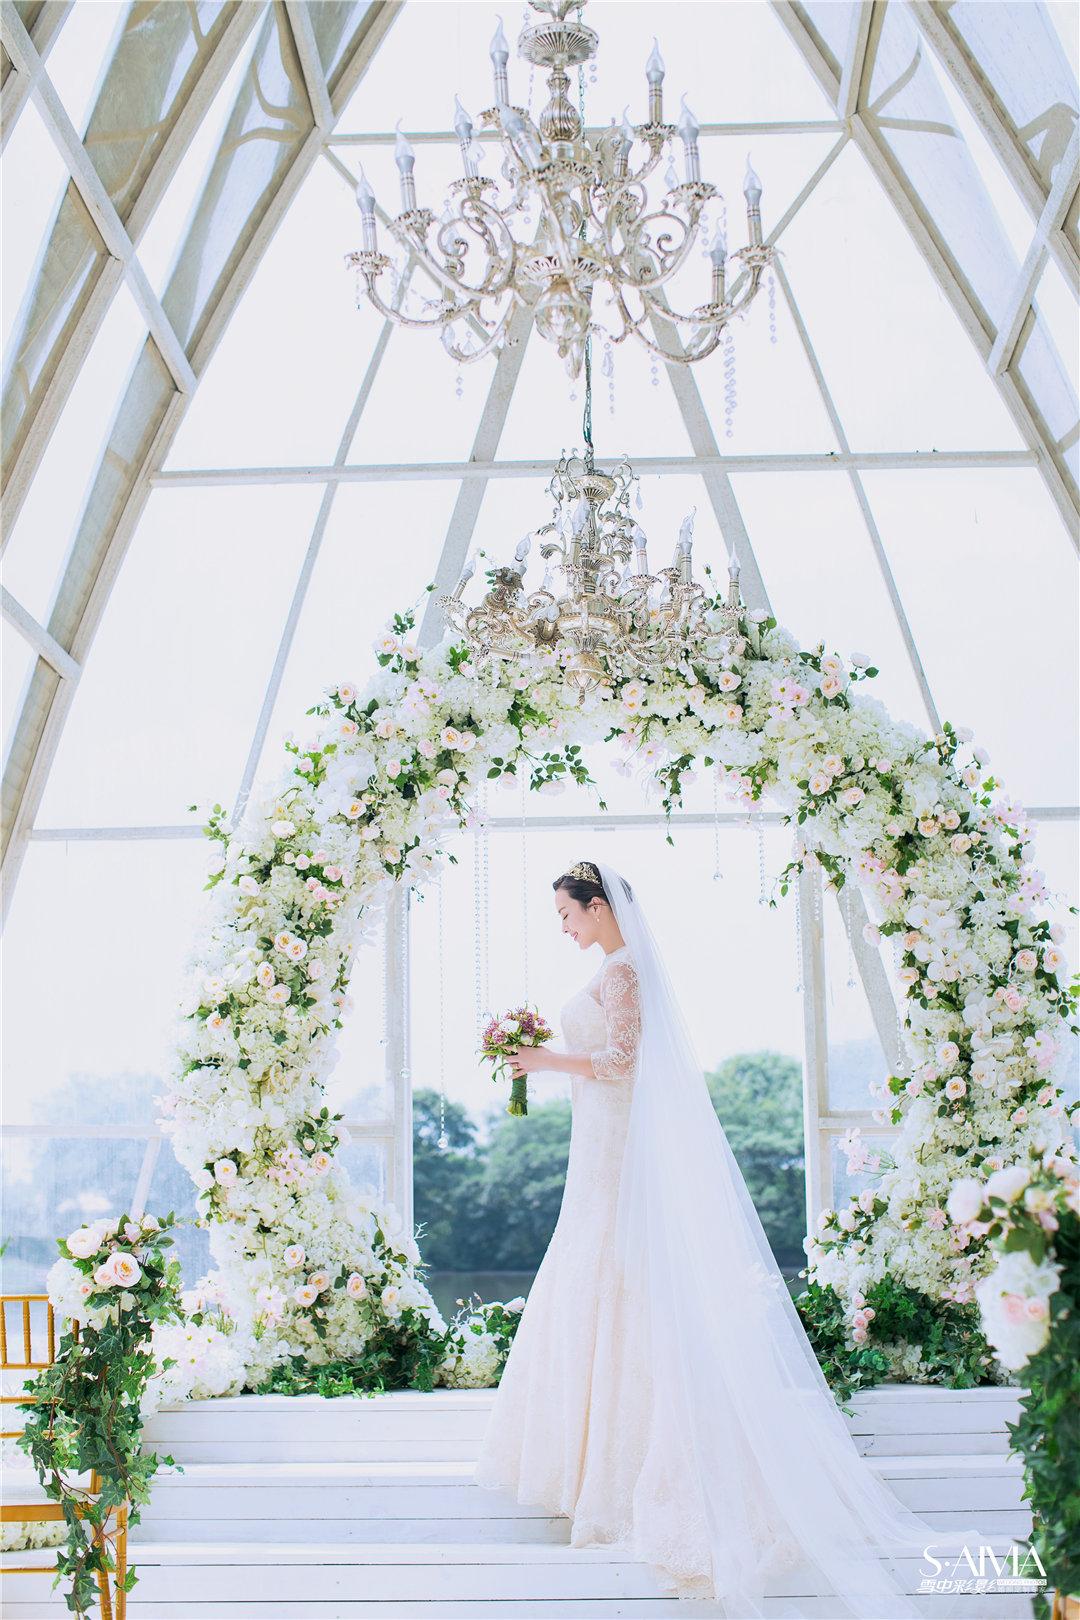 水晶教堂_南京婚纱摄影哪家好 南京拍婚纱照 南京结婚